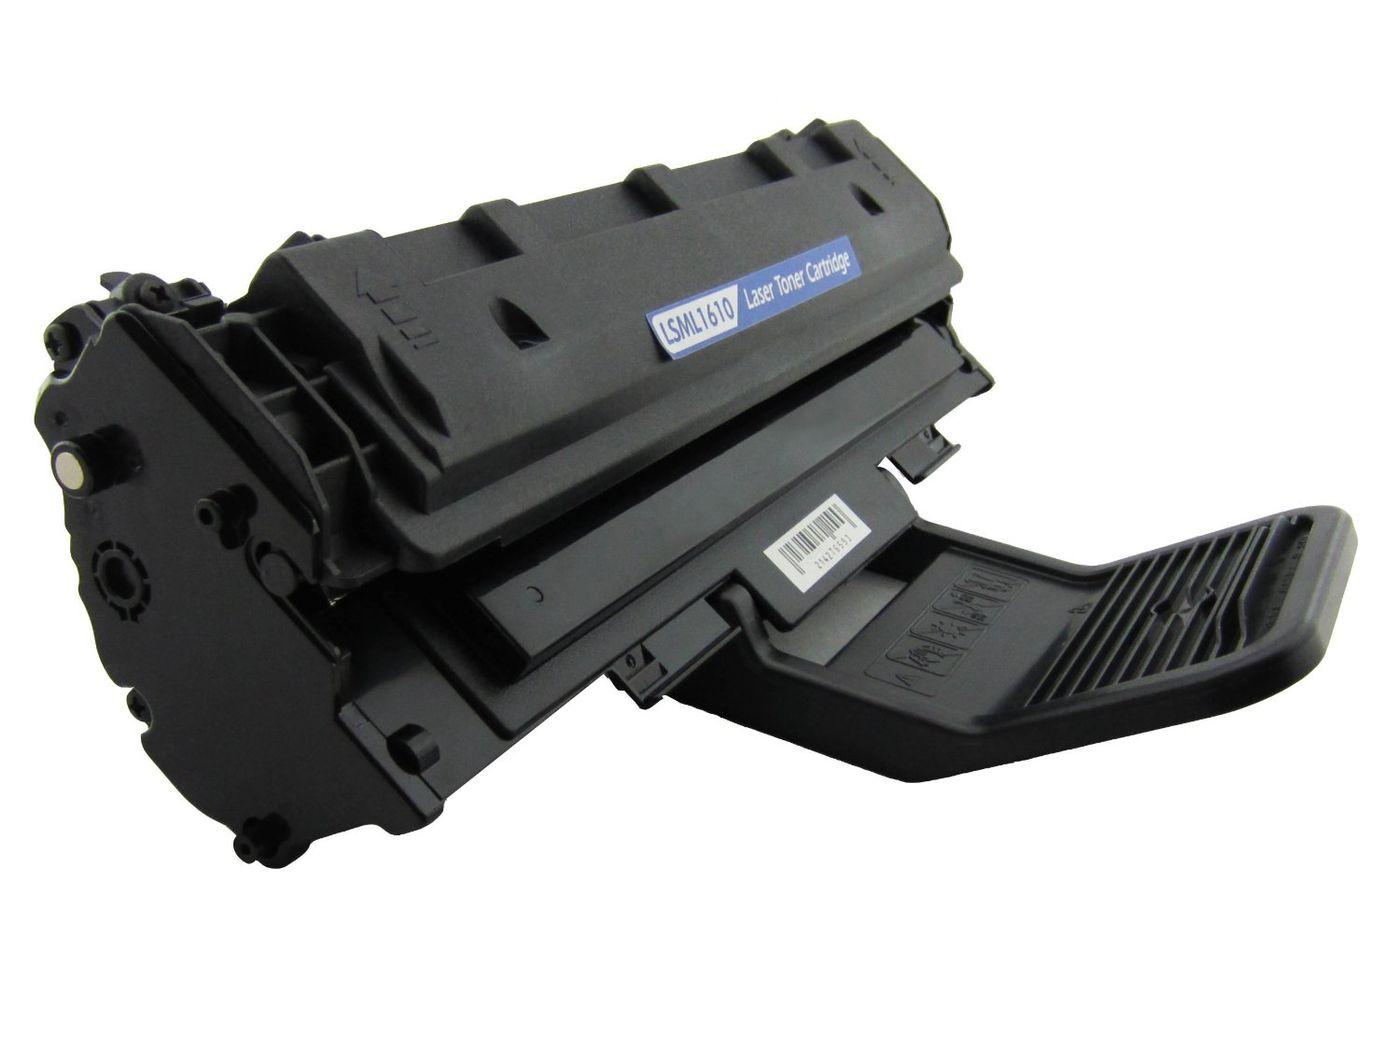 Картридж ML-1610D2 для Samsung ML-1610/1615 ProTone